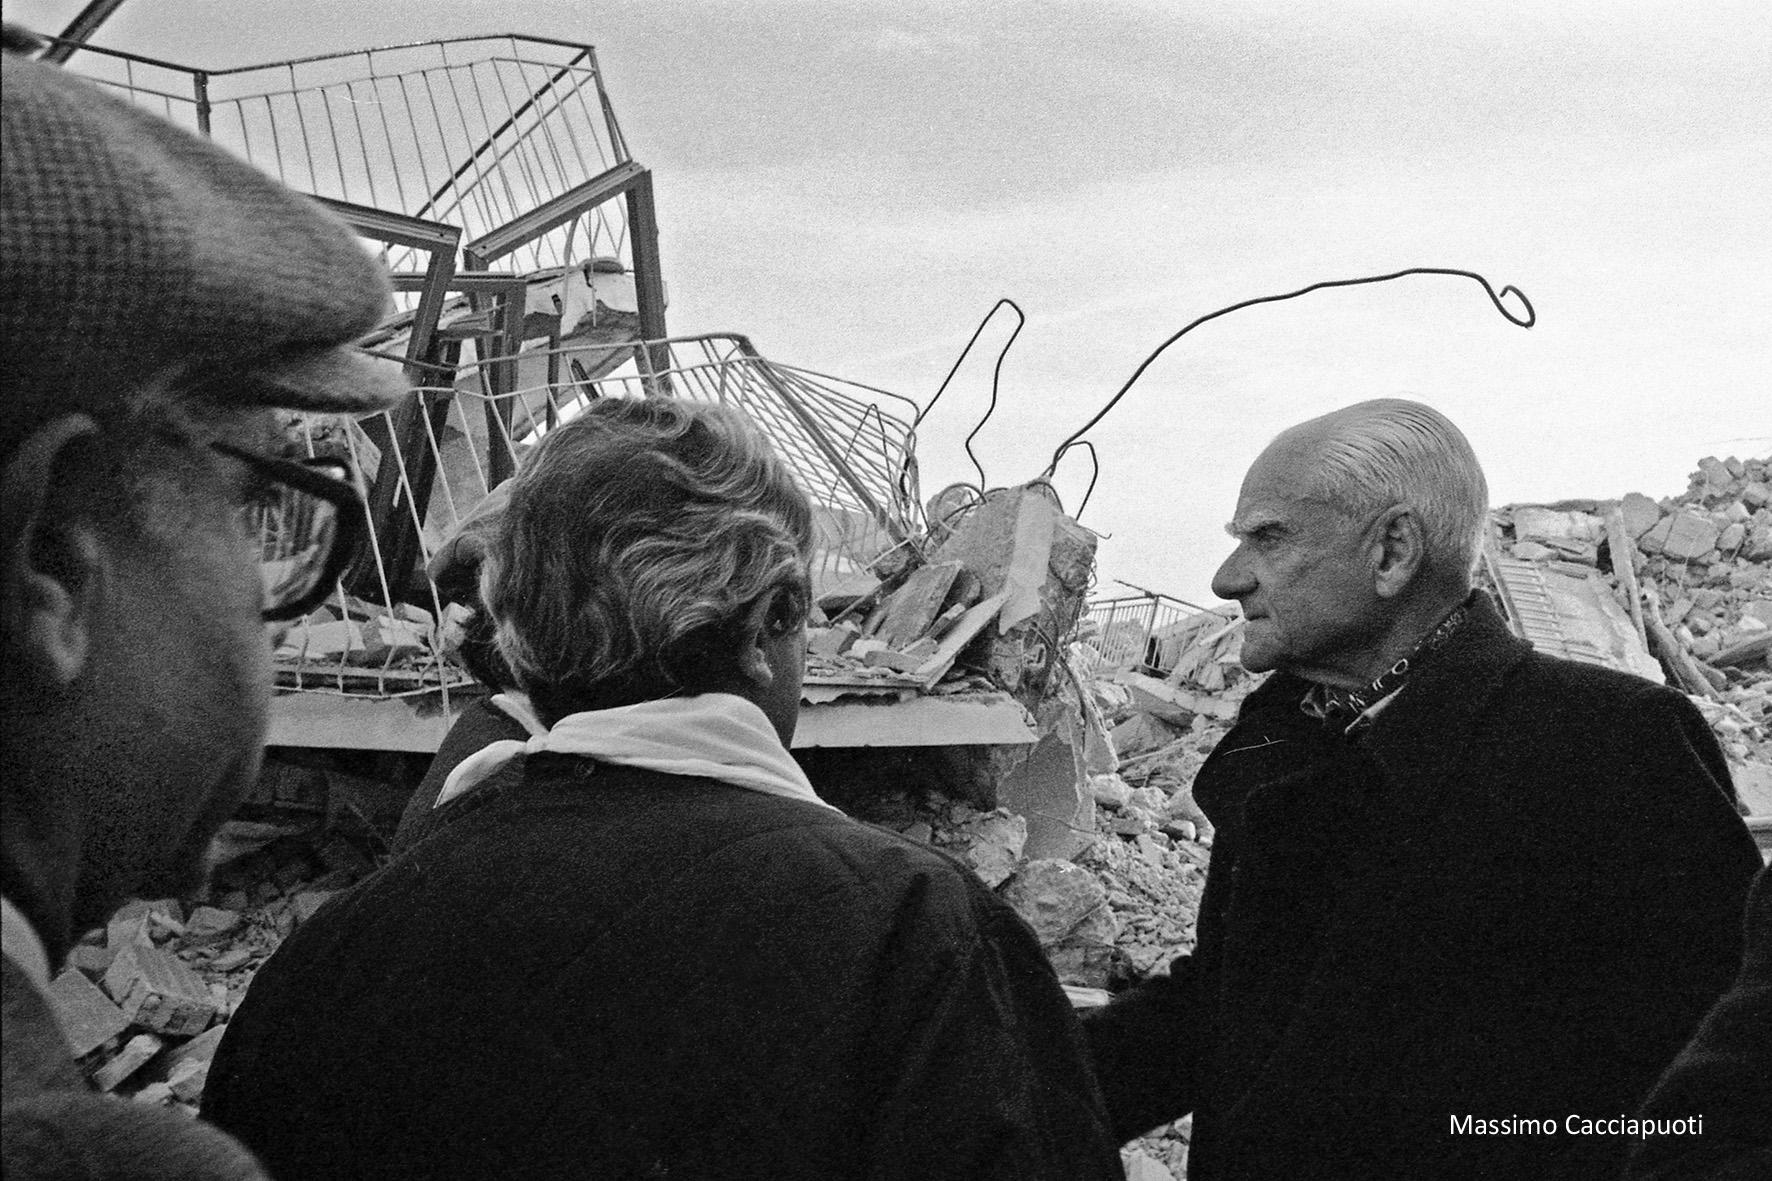 02 Massimo Cacciapuoti SAngelo dei Lombardi Visita di Alberto Moravia nelle zone terremotate nov 1980jpg